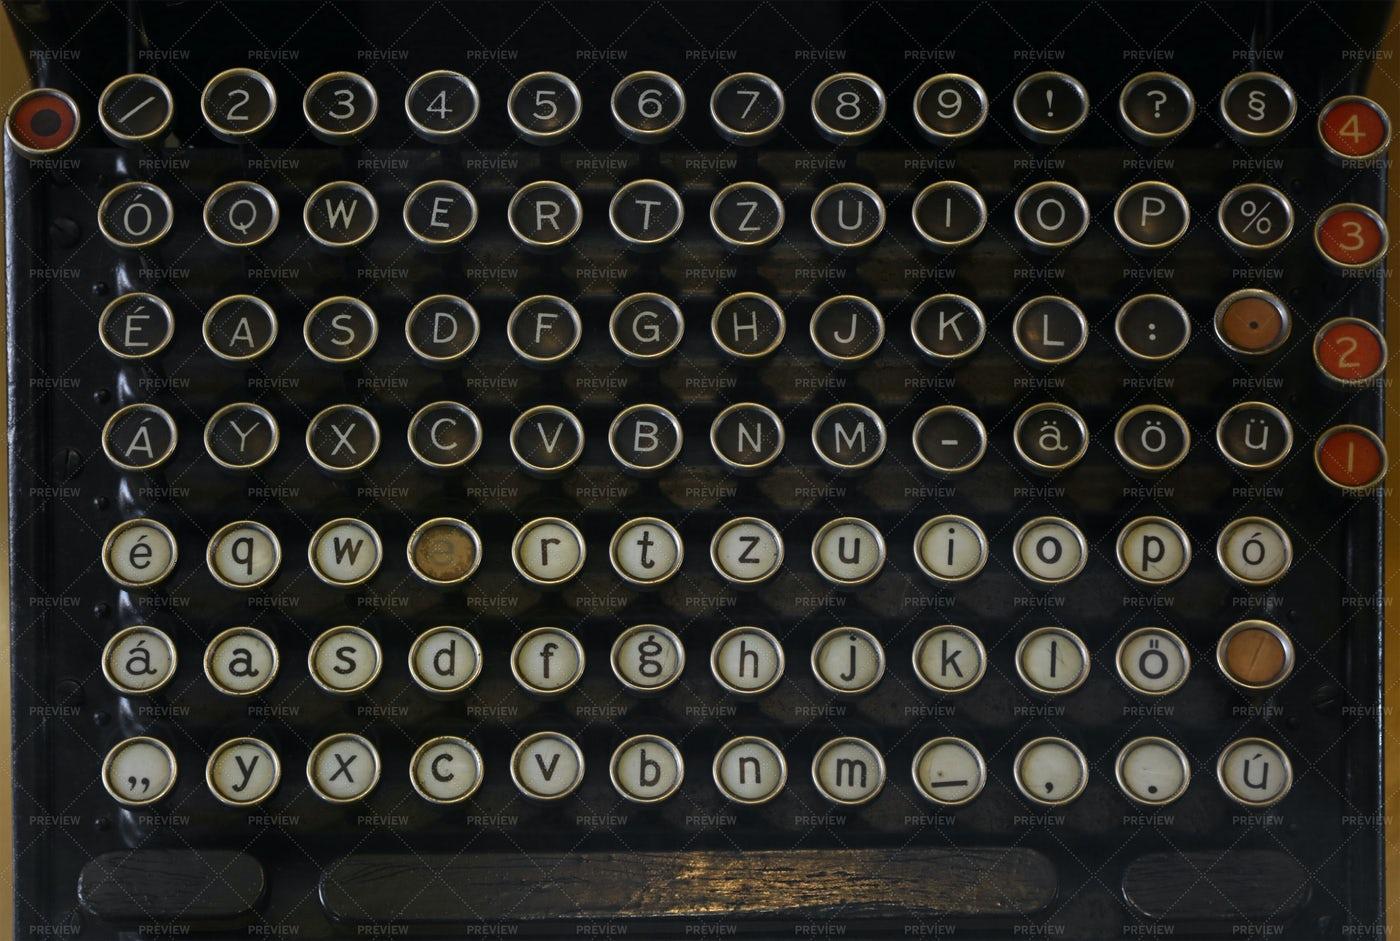 Keyboard Of A Vintage Typewriter: Stock Photos